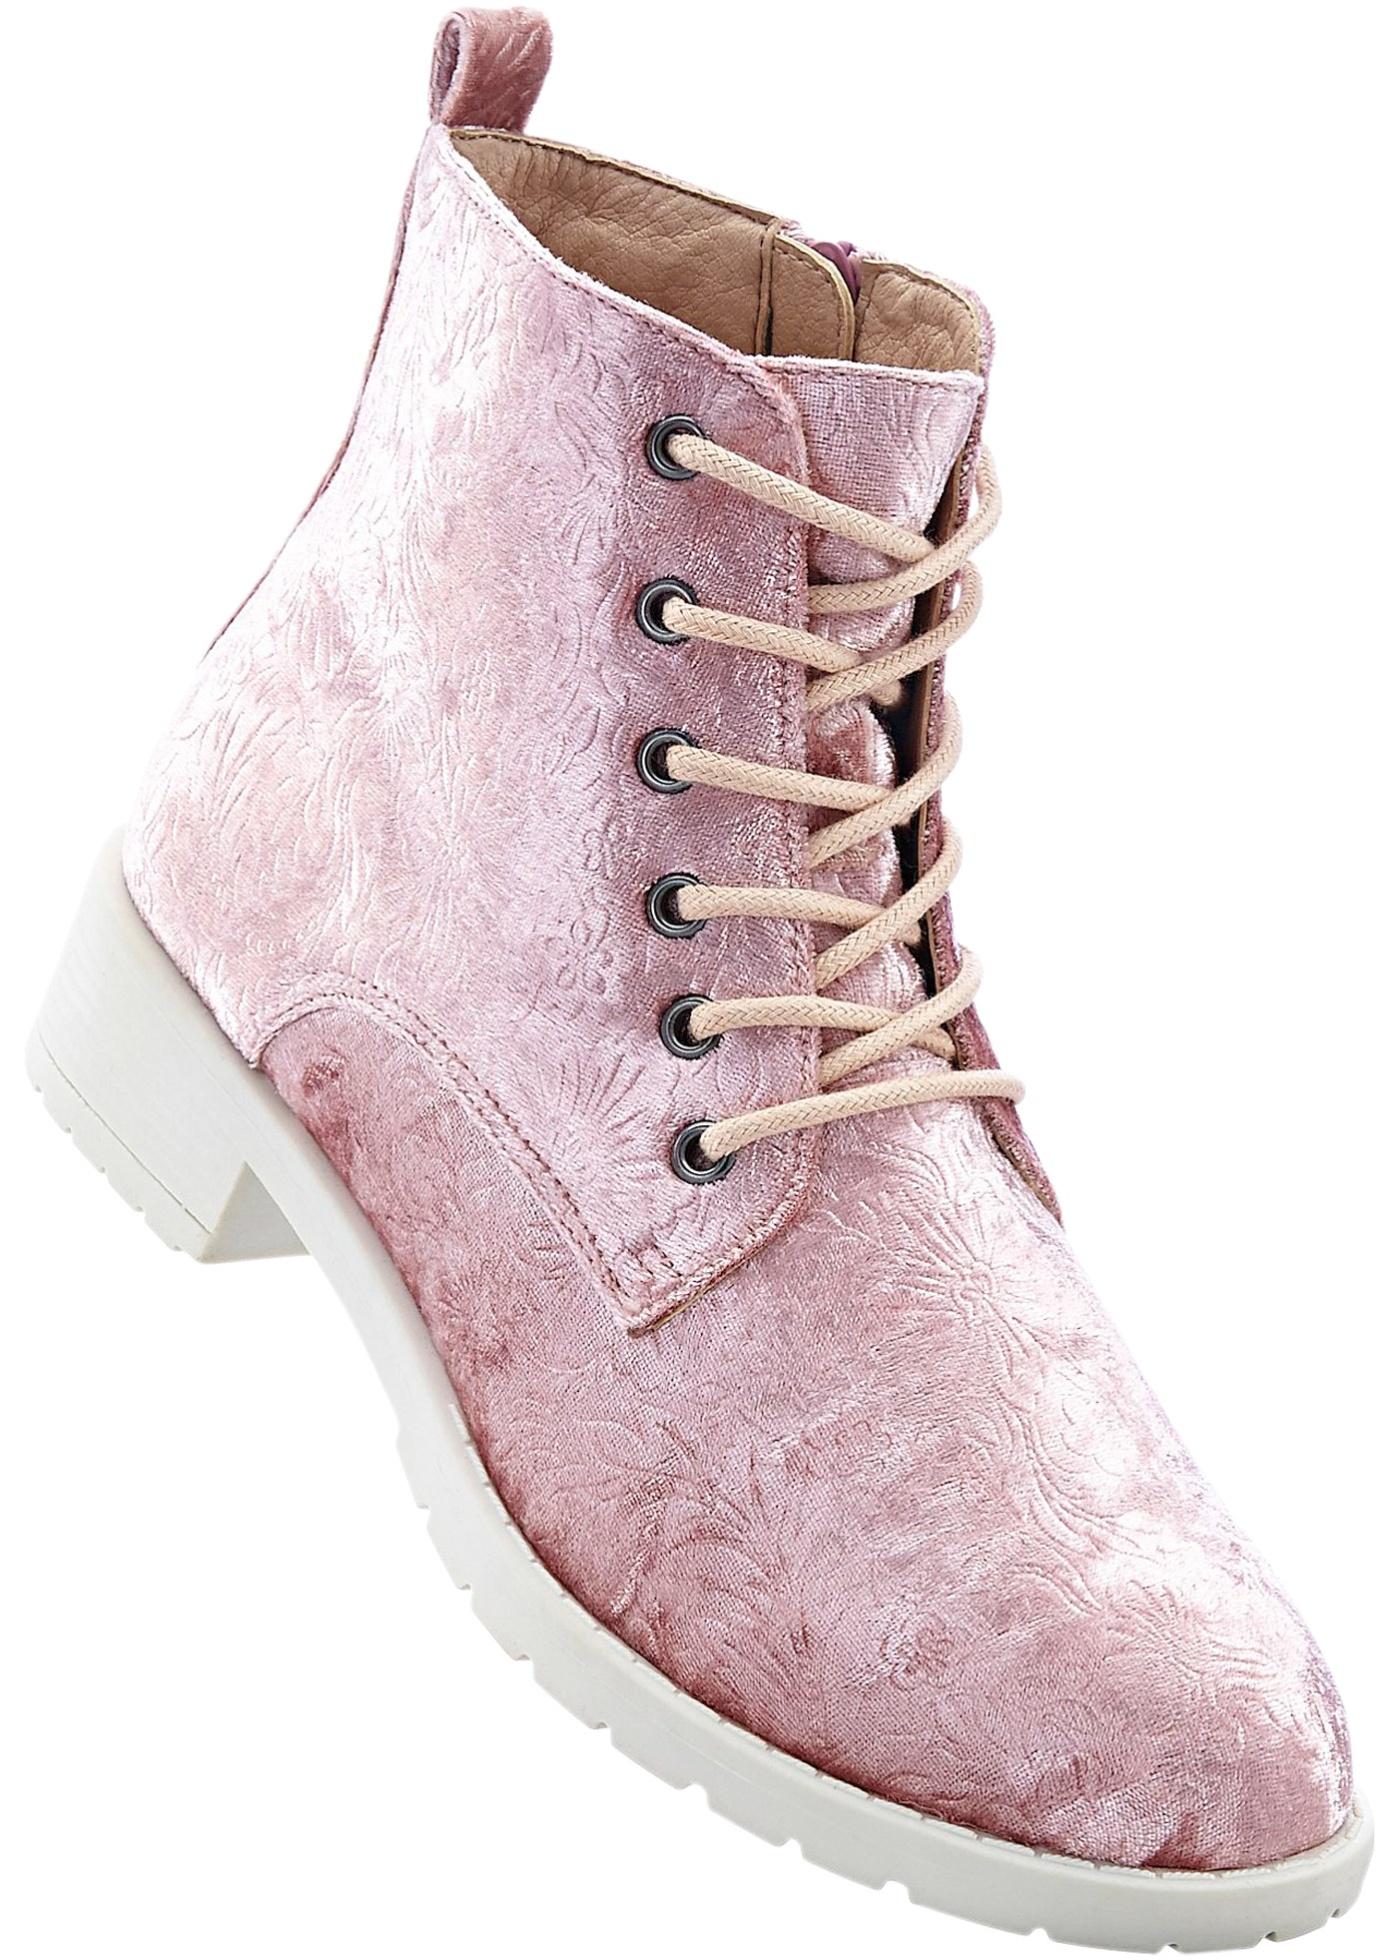 Stiefelette | Stiefeletten, Schuhe damen und Timberland stiefel